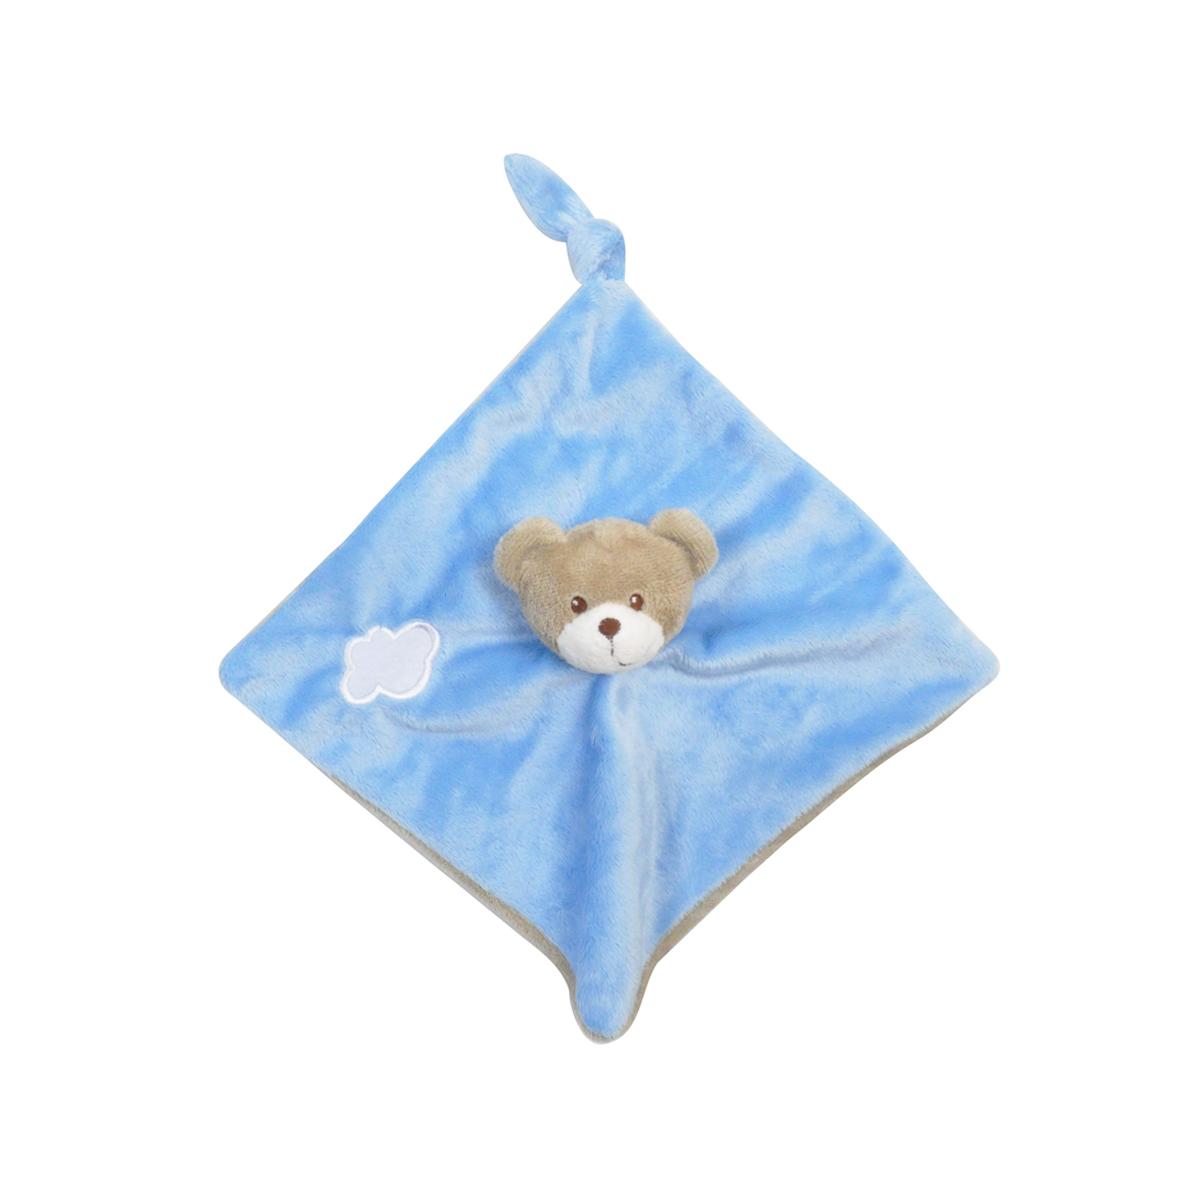 Doudou plat pour bébé King Bear Ours - Bleu - Accessoires Doudou -  tendresse de bébé 8b22d12cdaa